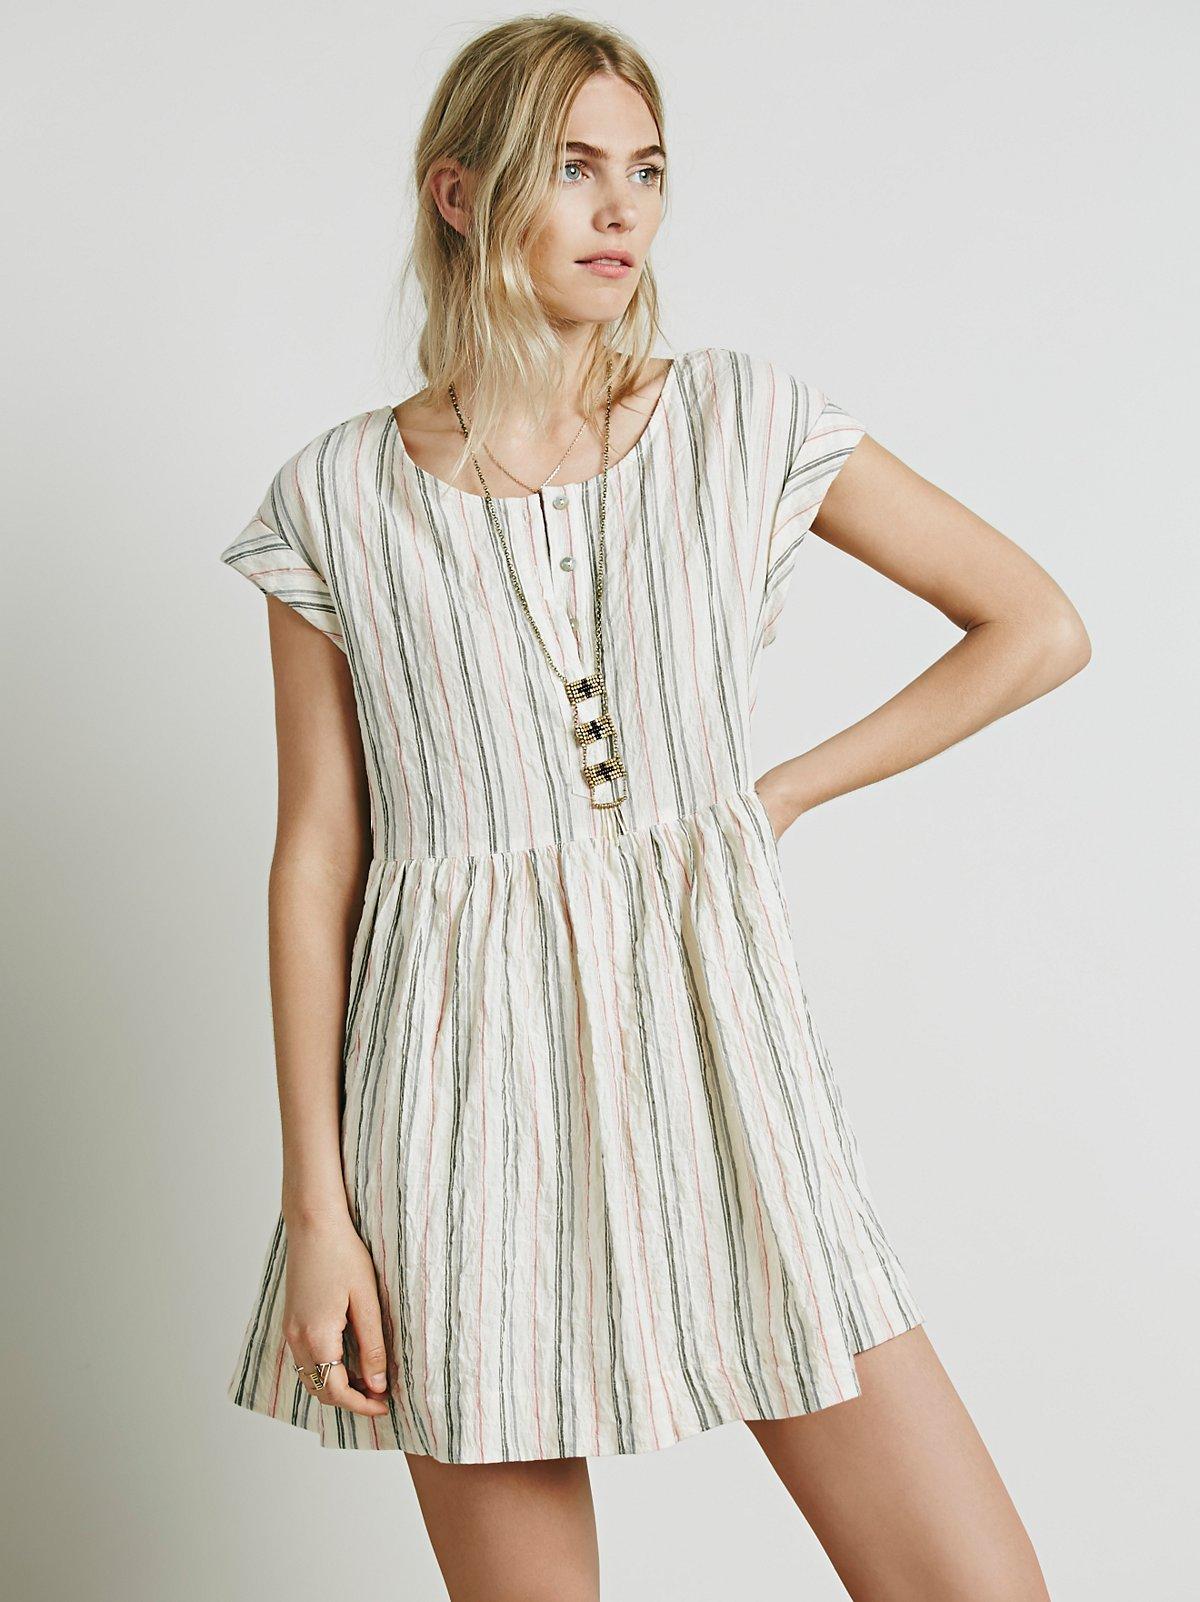 Clove Dress